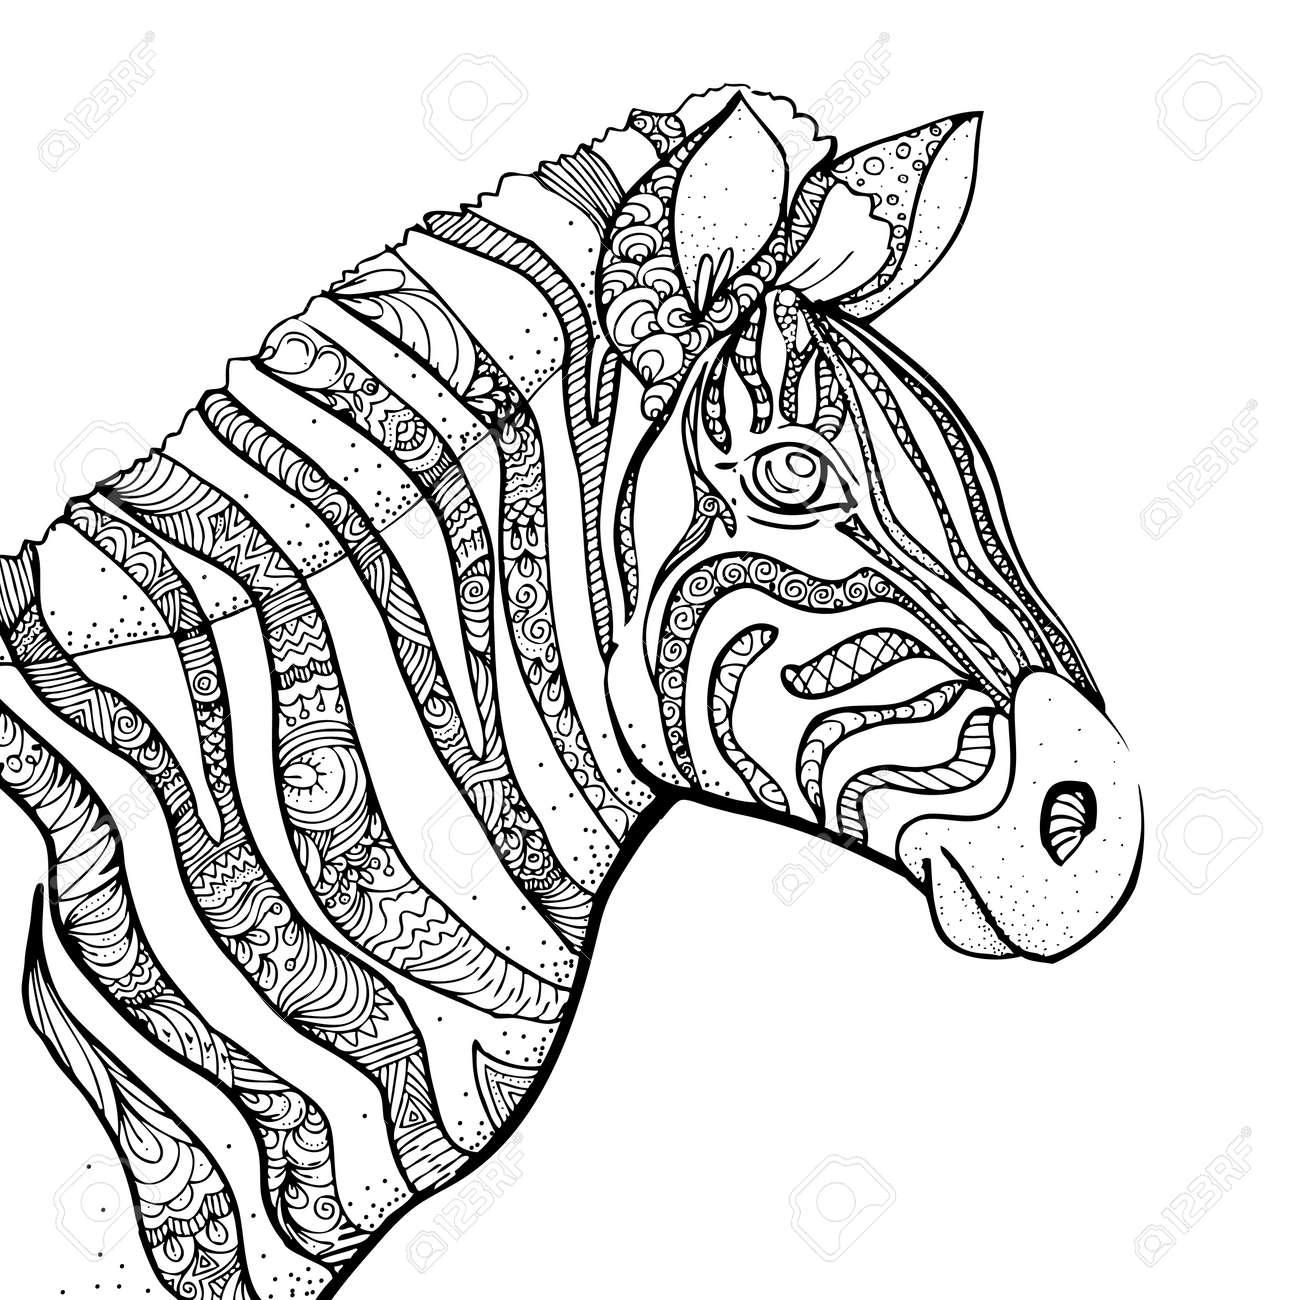 Tolle Zebra Druckvorlage Ideen - Beispiel Wiederaufnahme Vorlagen ...